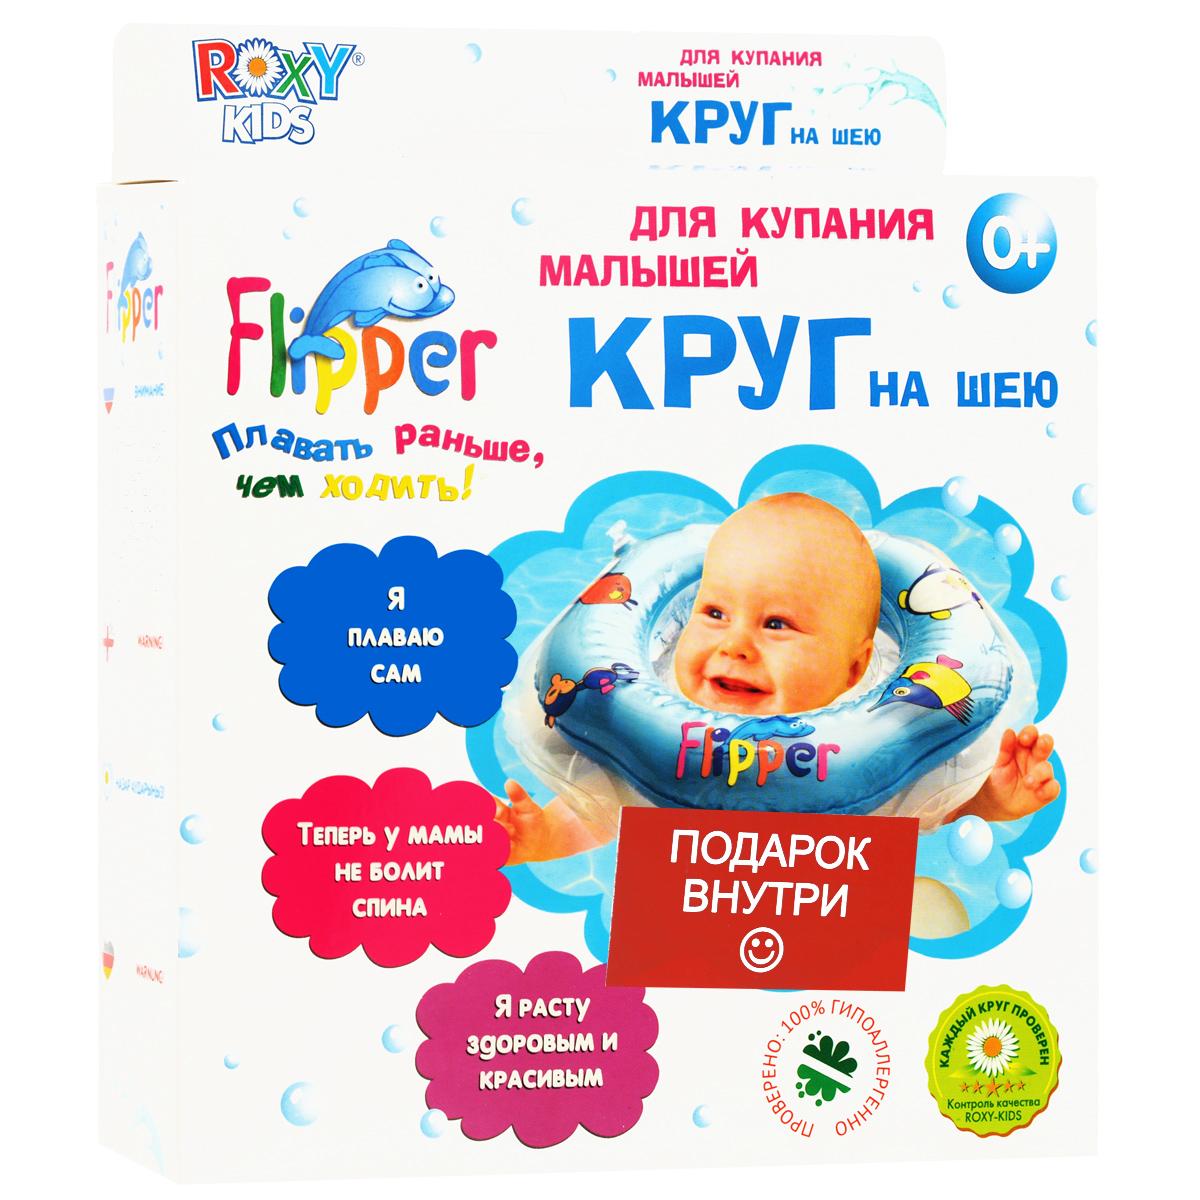 Круг на шею для купания Roxy-Kids Flipper, цвет: красныйFL001_красныйКруг на шею для купания Roxy-Kids Flipper создан специально для купания малышей от рождения до 2-х лет. Он совершенно безопасный, надежный, прекрасно стимулирует природный плавательный рефлекс и поможет облегчить родителям процесс купания ребенка. Безопасность круга с музыкой усилена дополнительно благодаря наличию второго внутреннего круга. Круг для купания изготавливается из прочного, надежного материала - современного полимера. Надежная удобная фиксация обеспечивается двумя удобными регулируемыми застежками. Круг имеет мягкий внутренний шов, который не натирает шею малыша, а также дополнен удобными круглыми ручками, за который малыш может держаться, и специальными шариками-погремушками. Плавание в ванне или в бассейне прекрасно развивает физическое и эмоциональное состояние малышей.